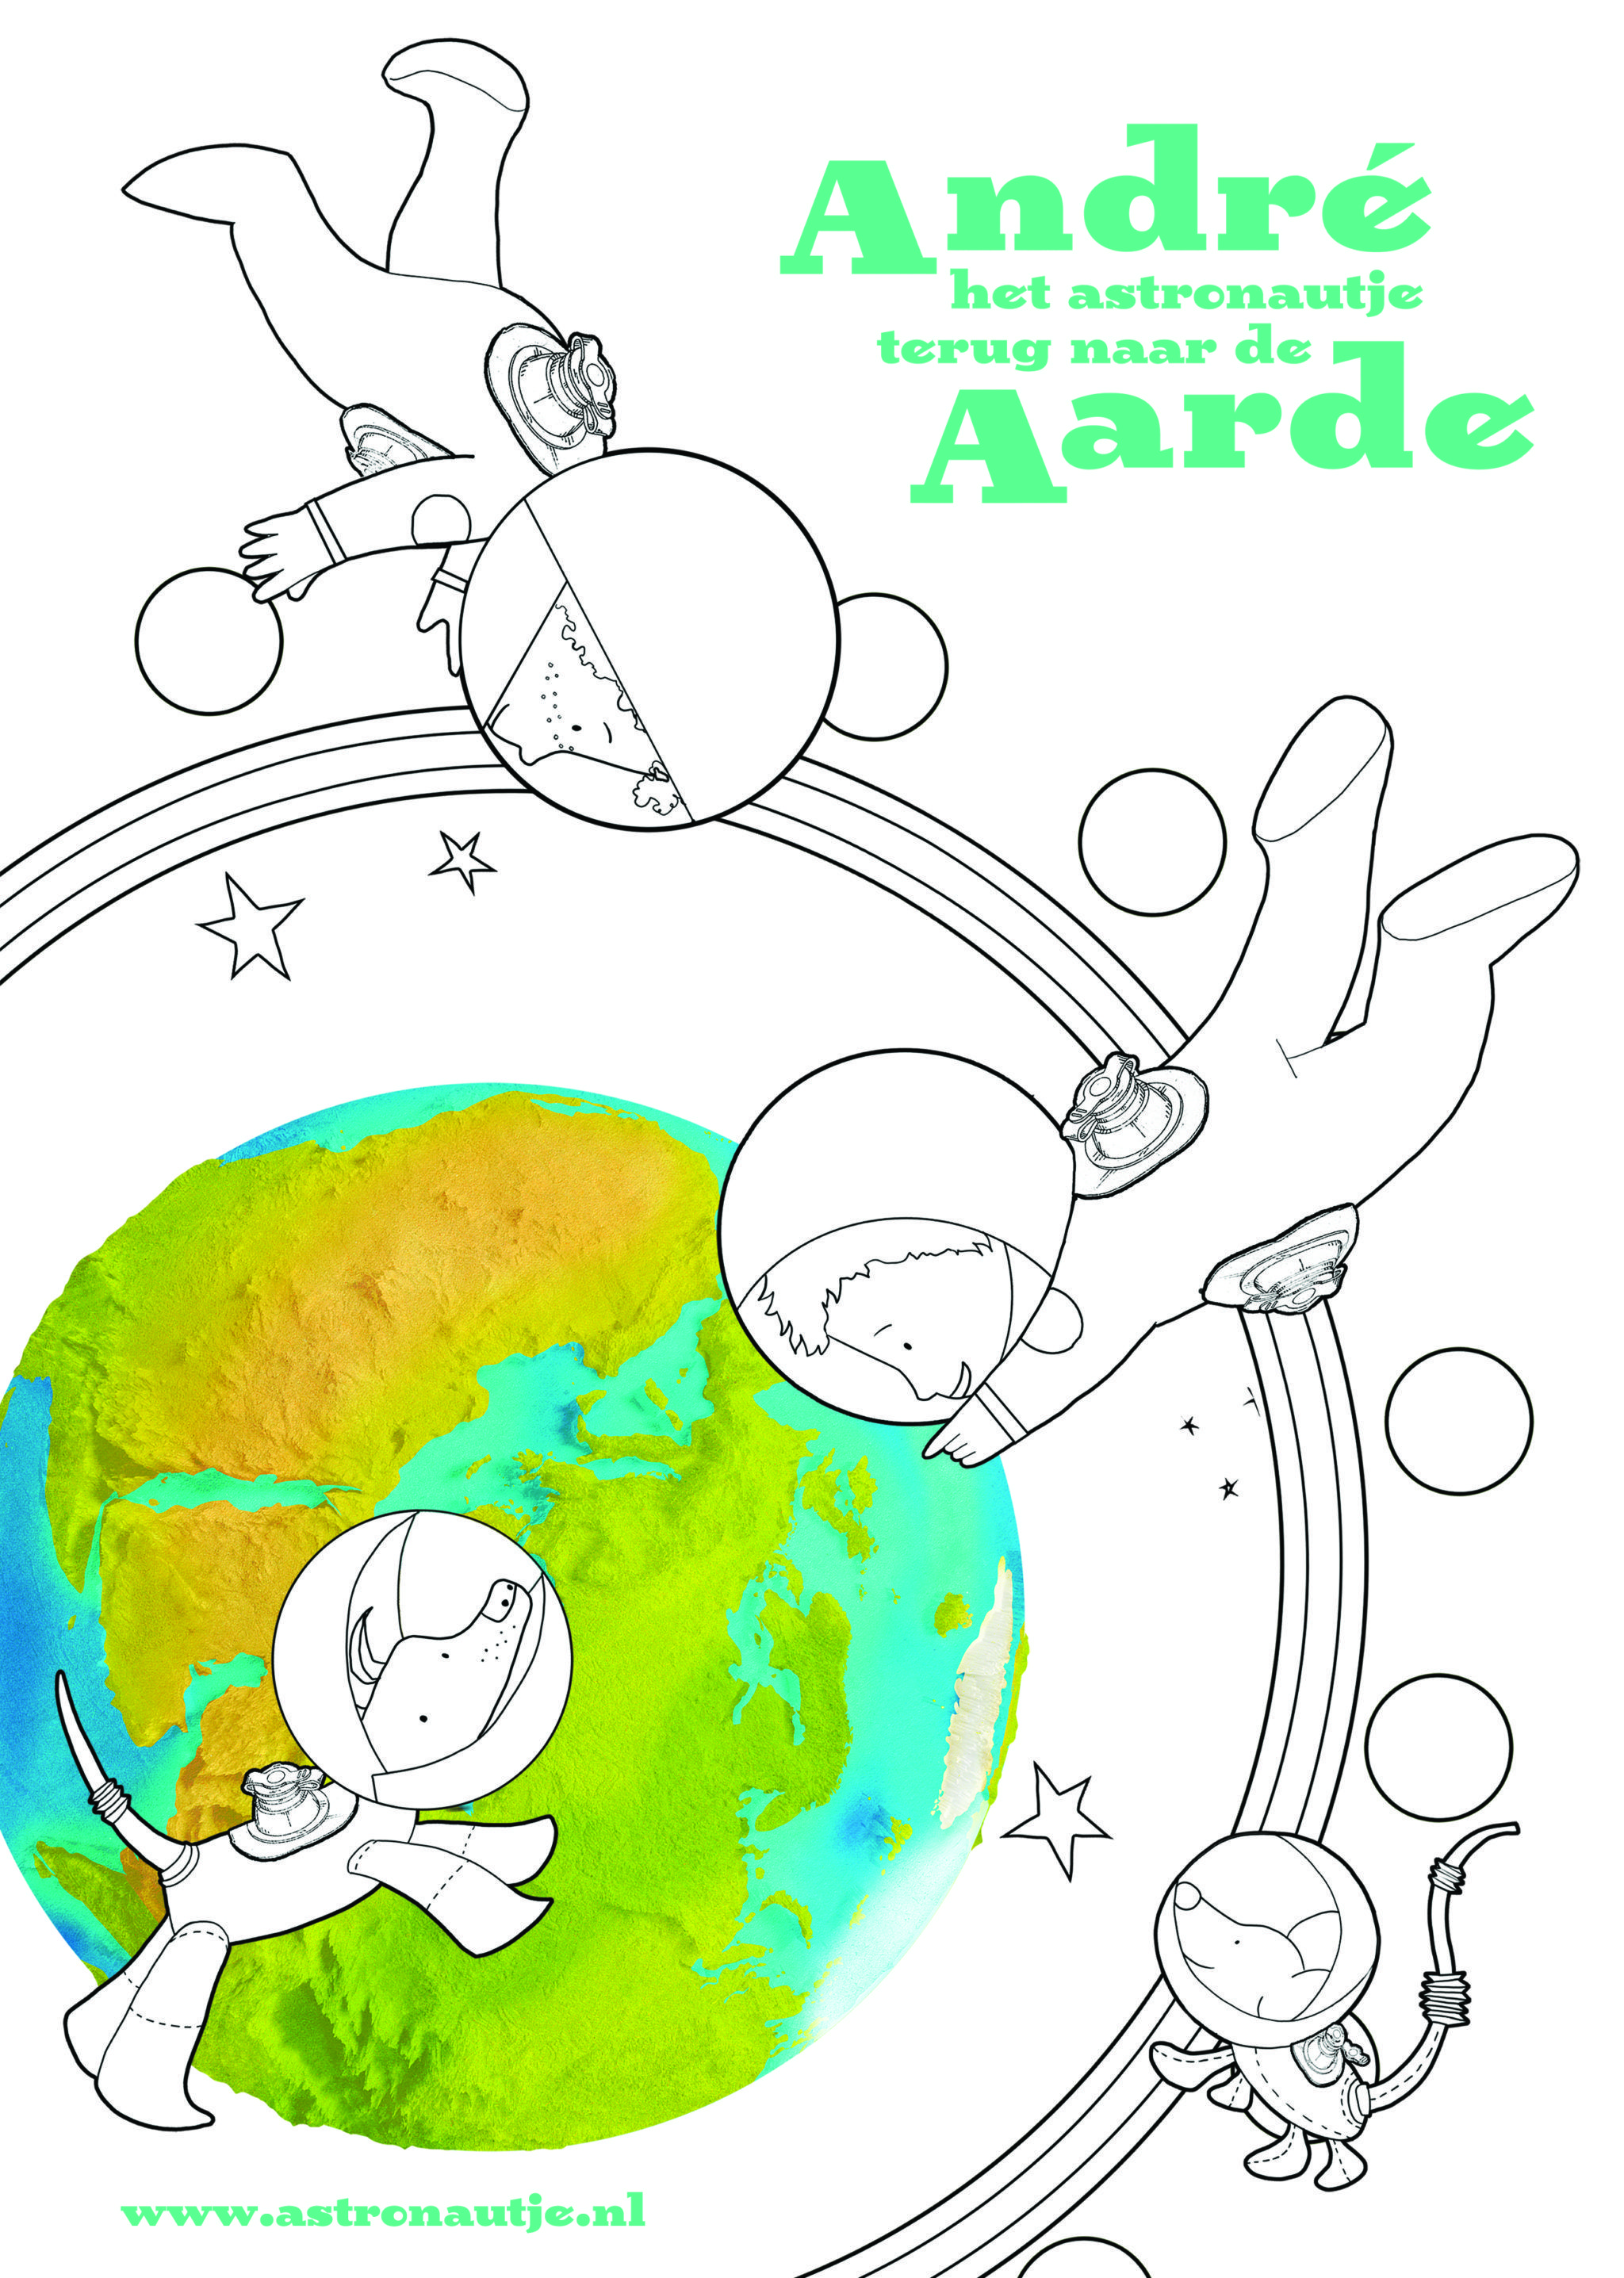 Knutselen Met Andre Het Astronautje Tussen De Maan En Sterren De Ruimte Knutselen Ruimte Thema En Het Heelal